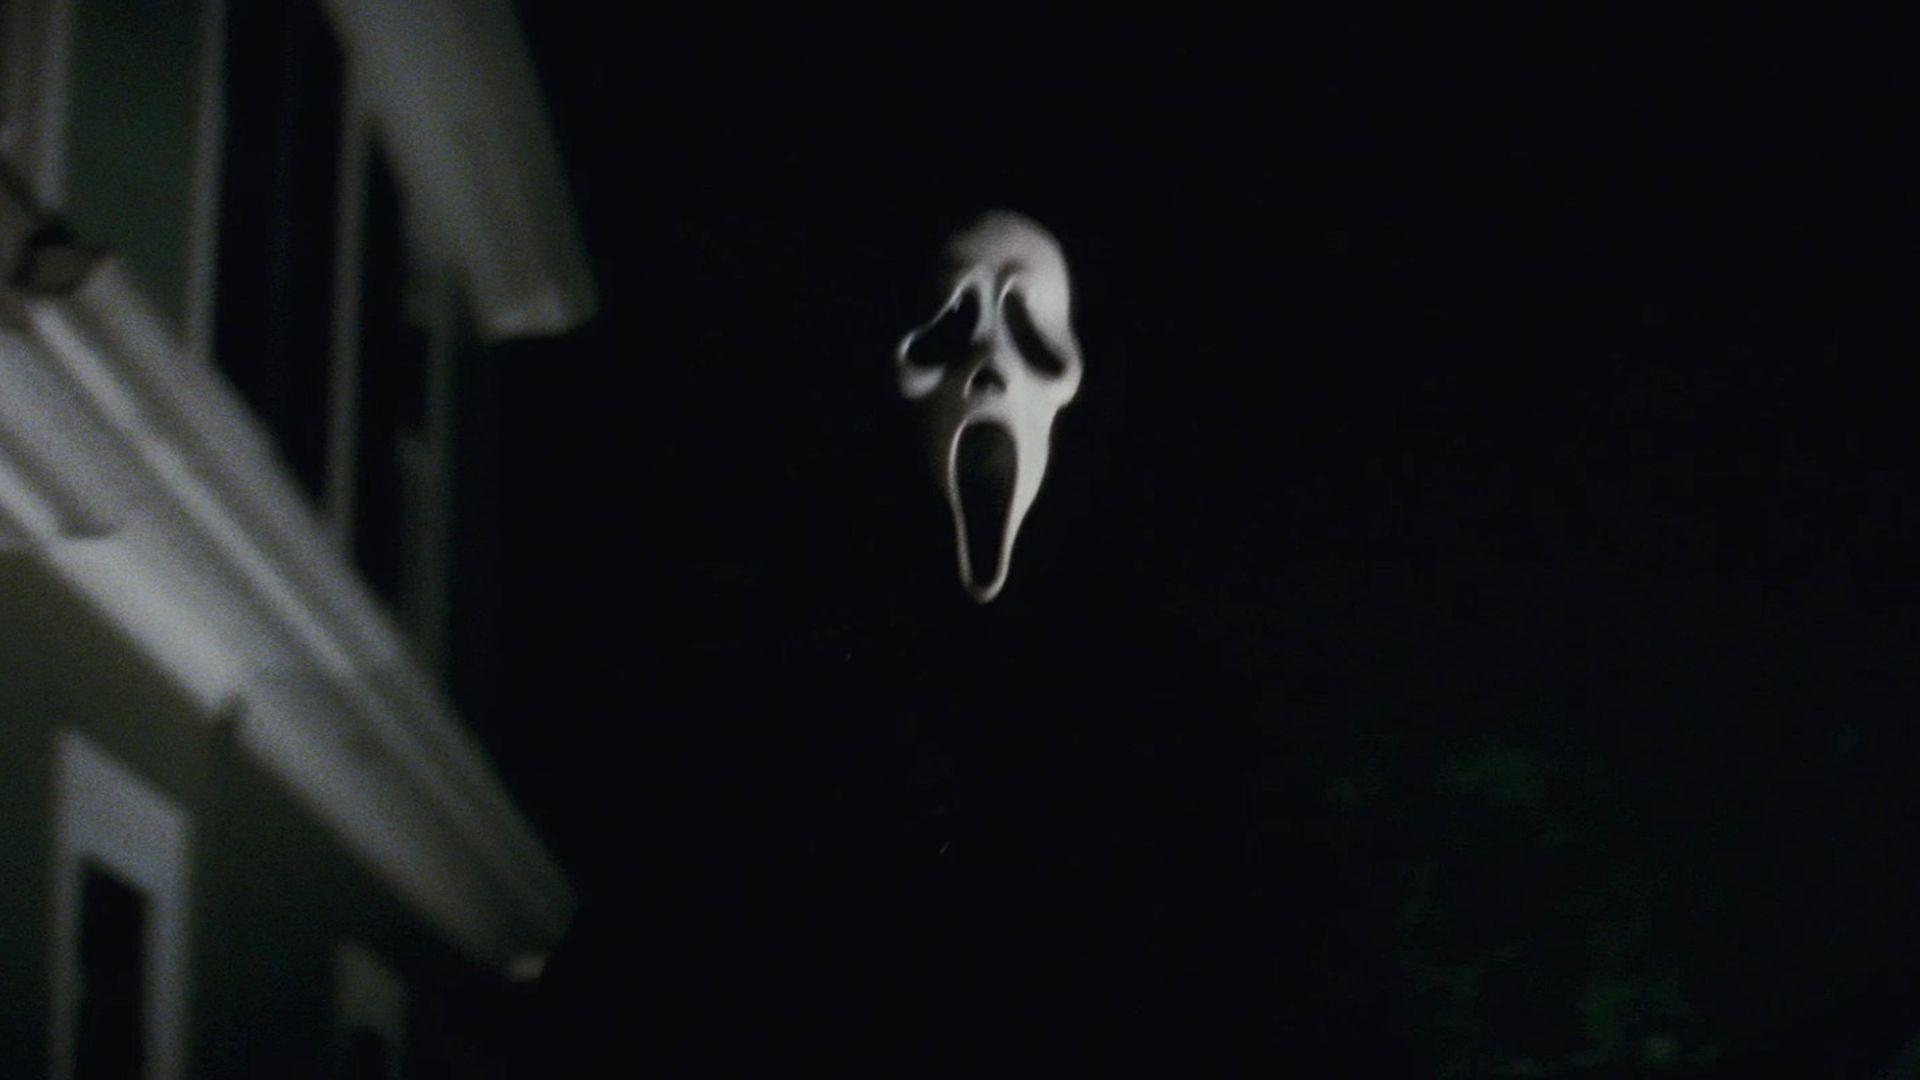 Scream Wallpaper 68 Images